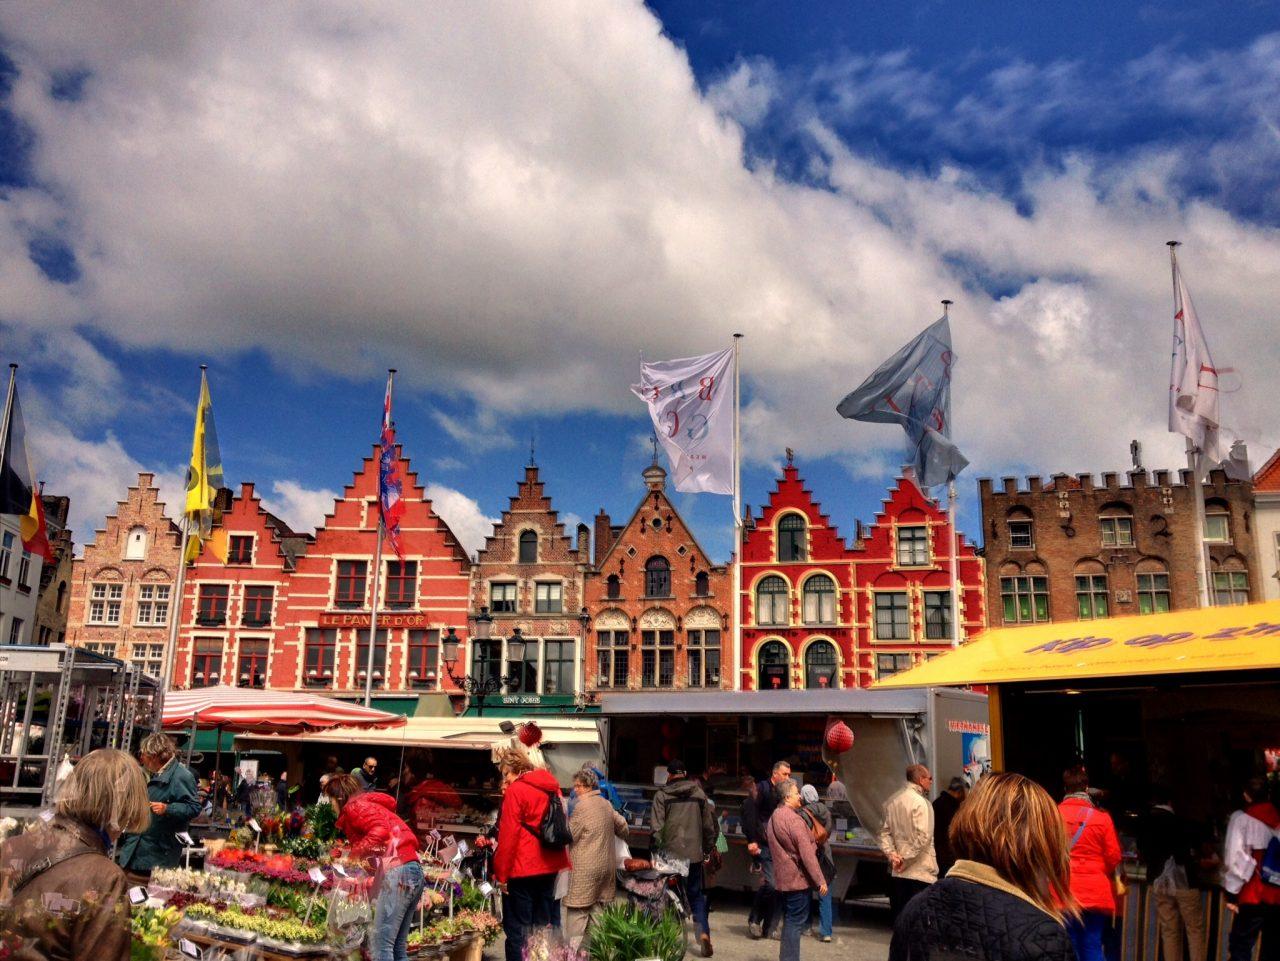 Brugge, Belgium, Market place